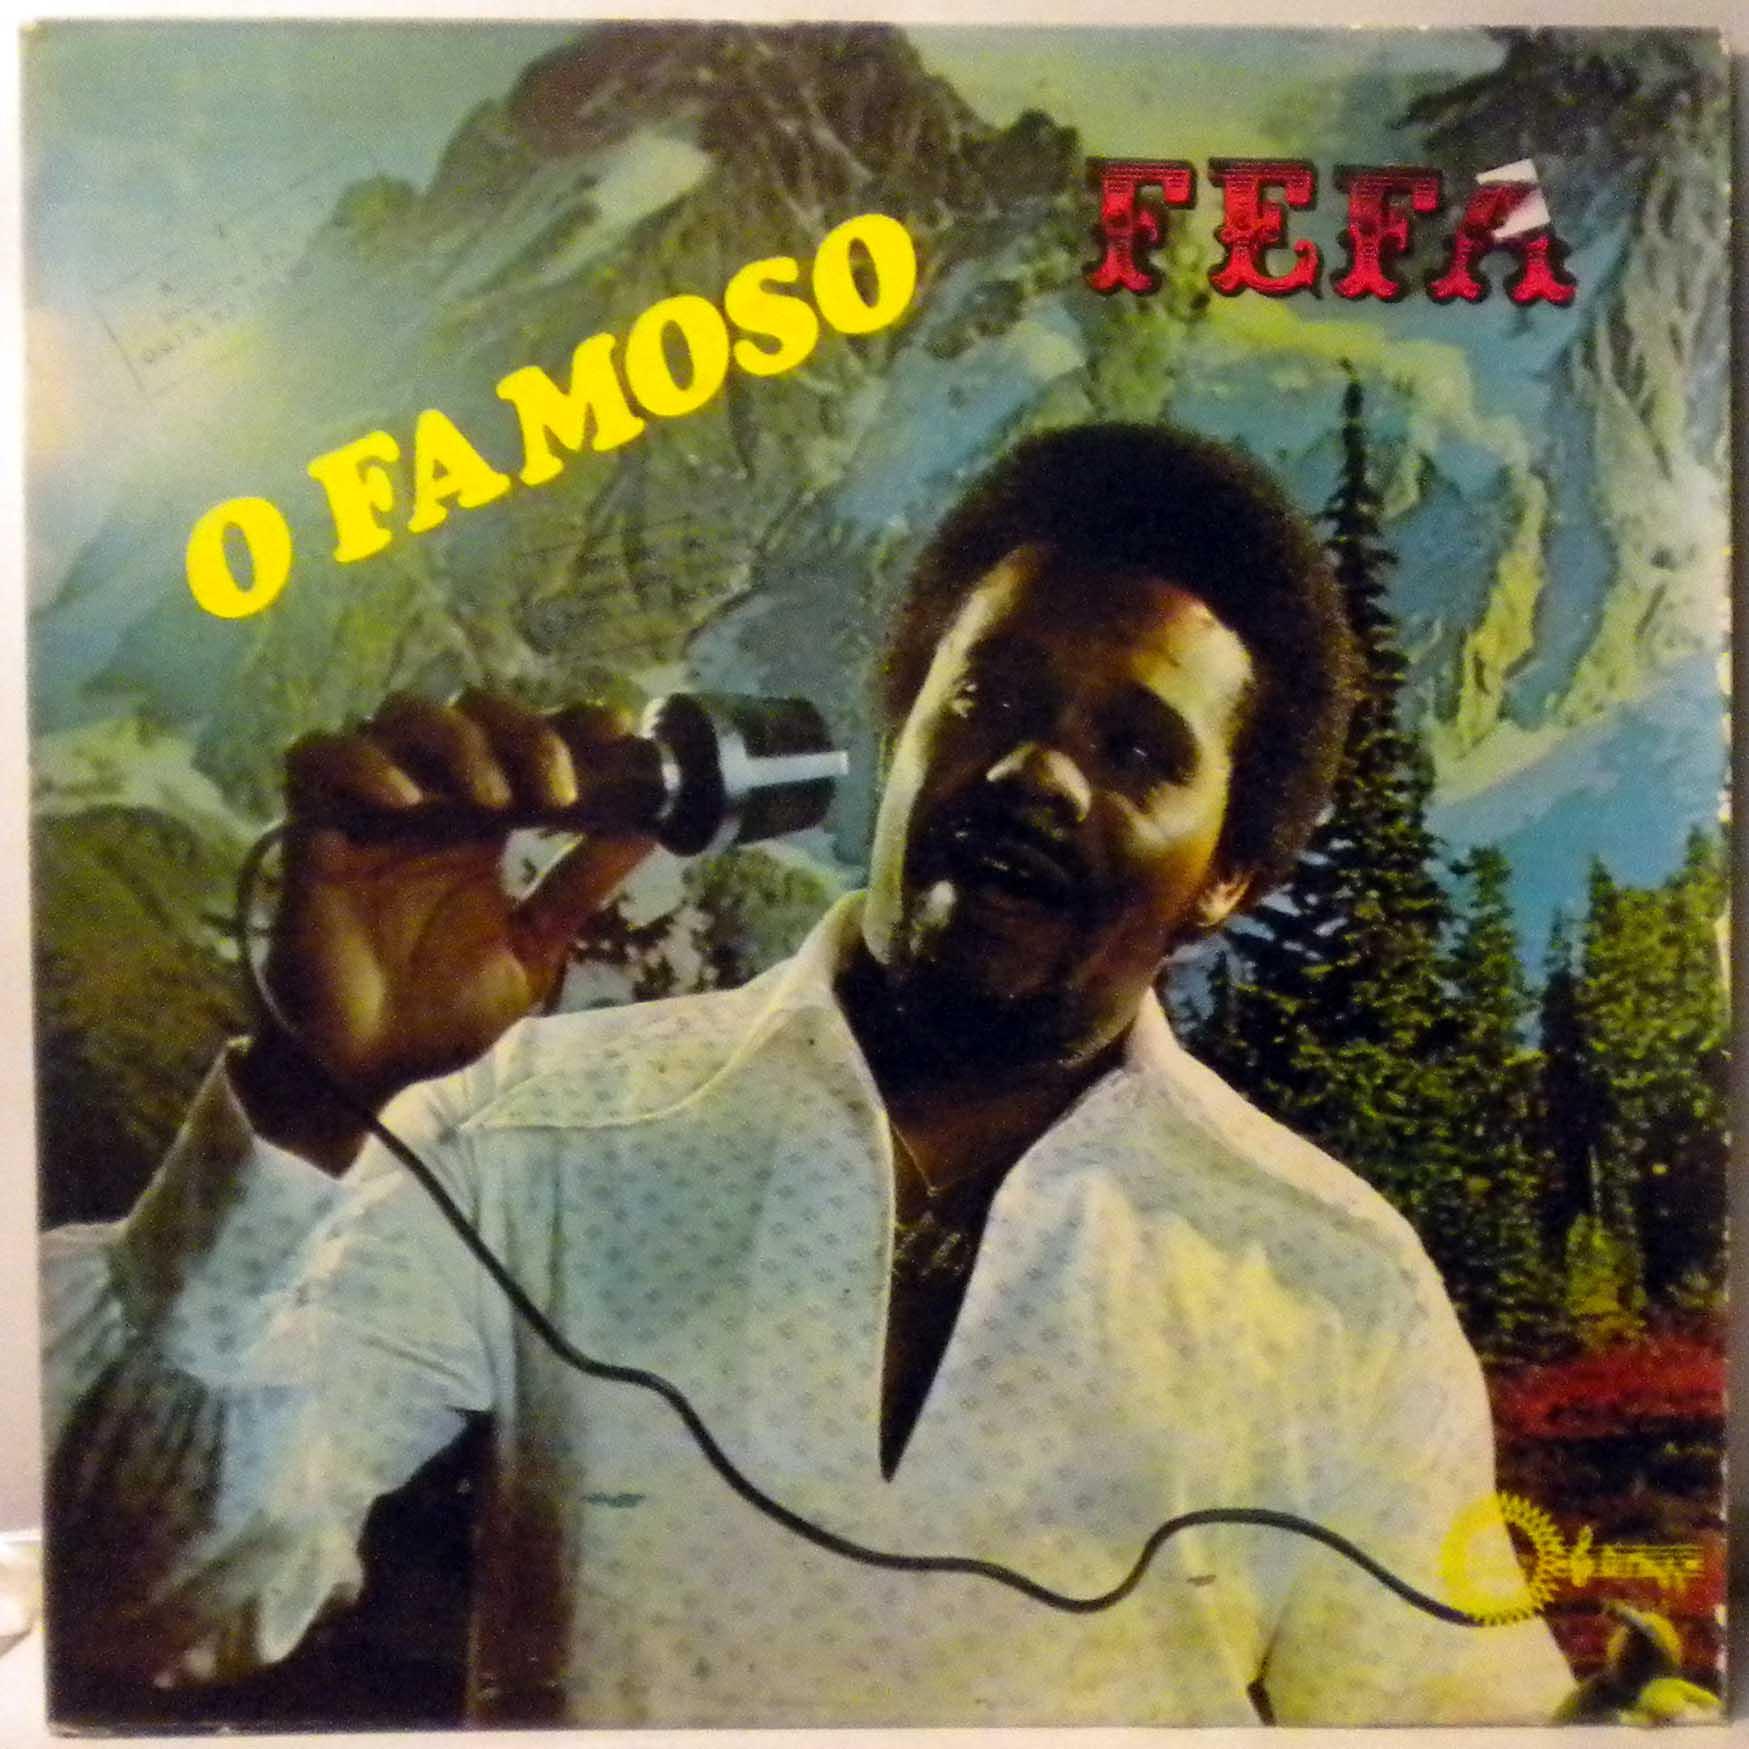 FEFE - O famoso - LP